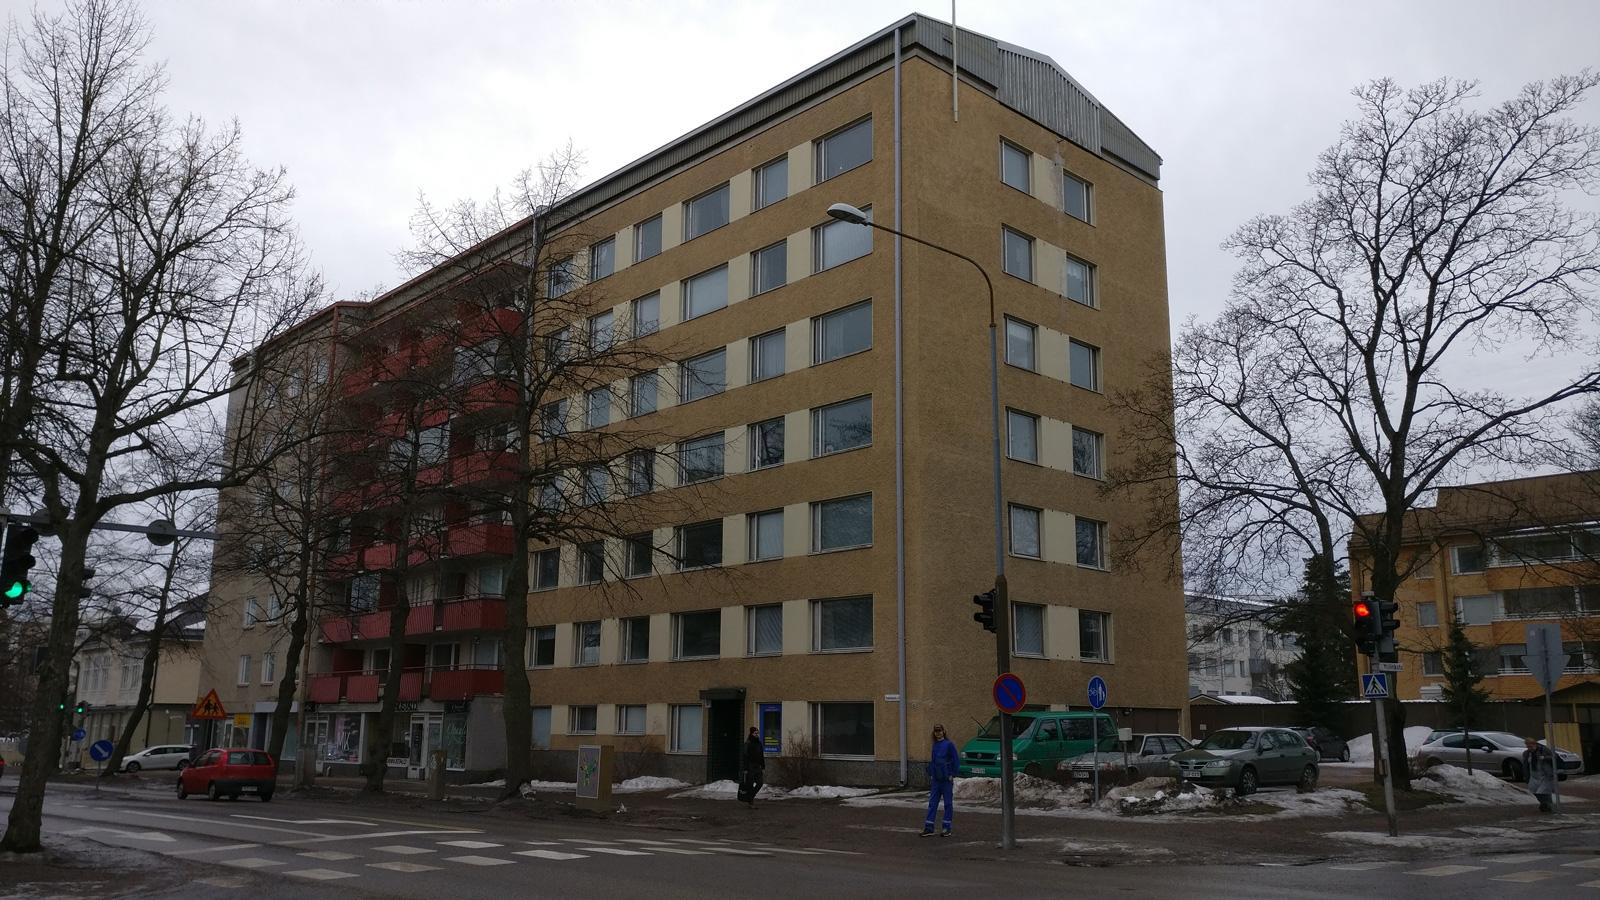 Puistokatu 13, Jyväskylä